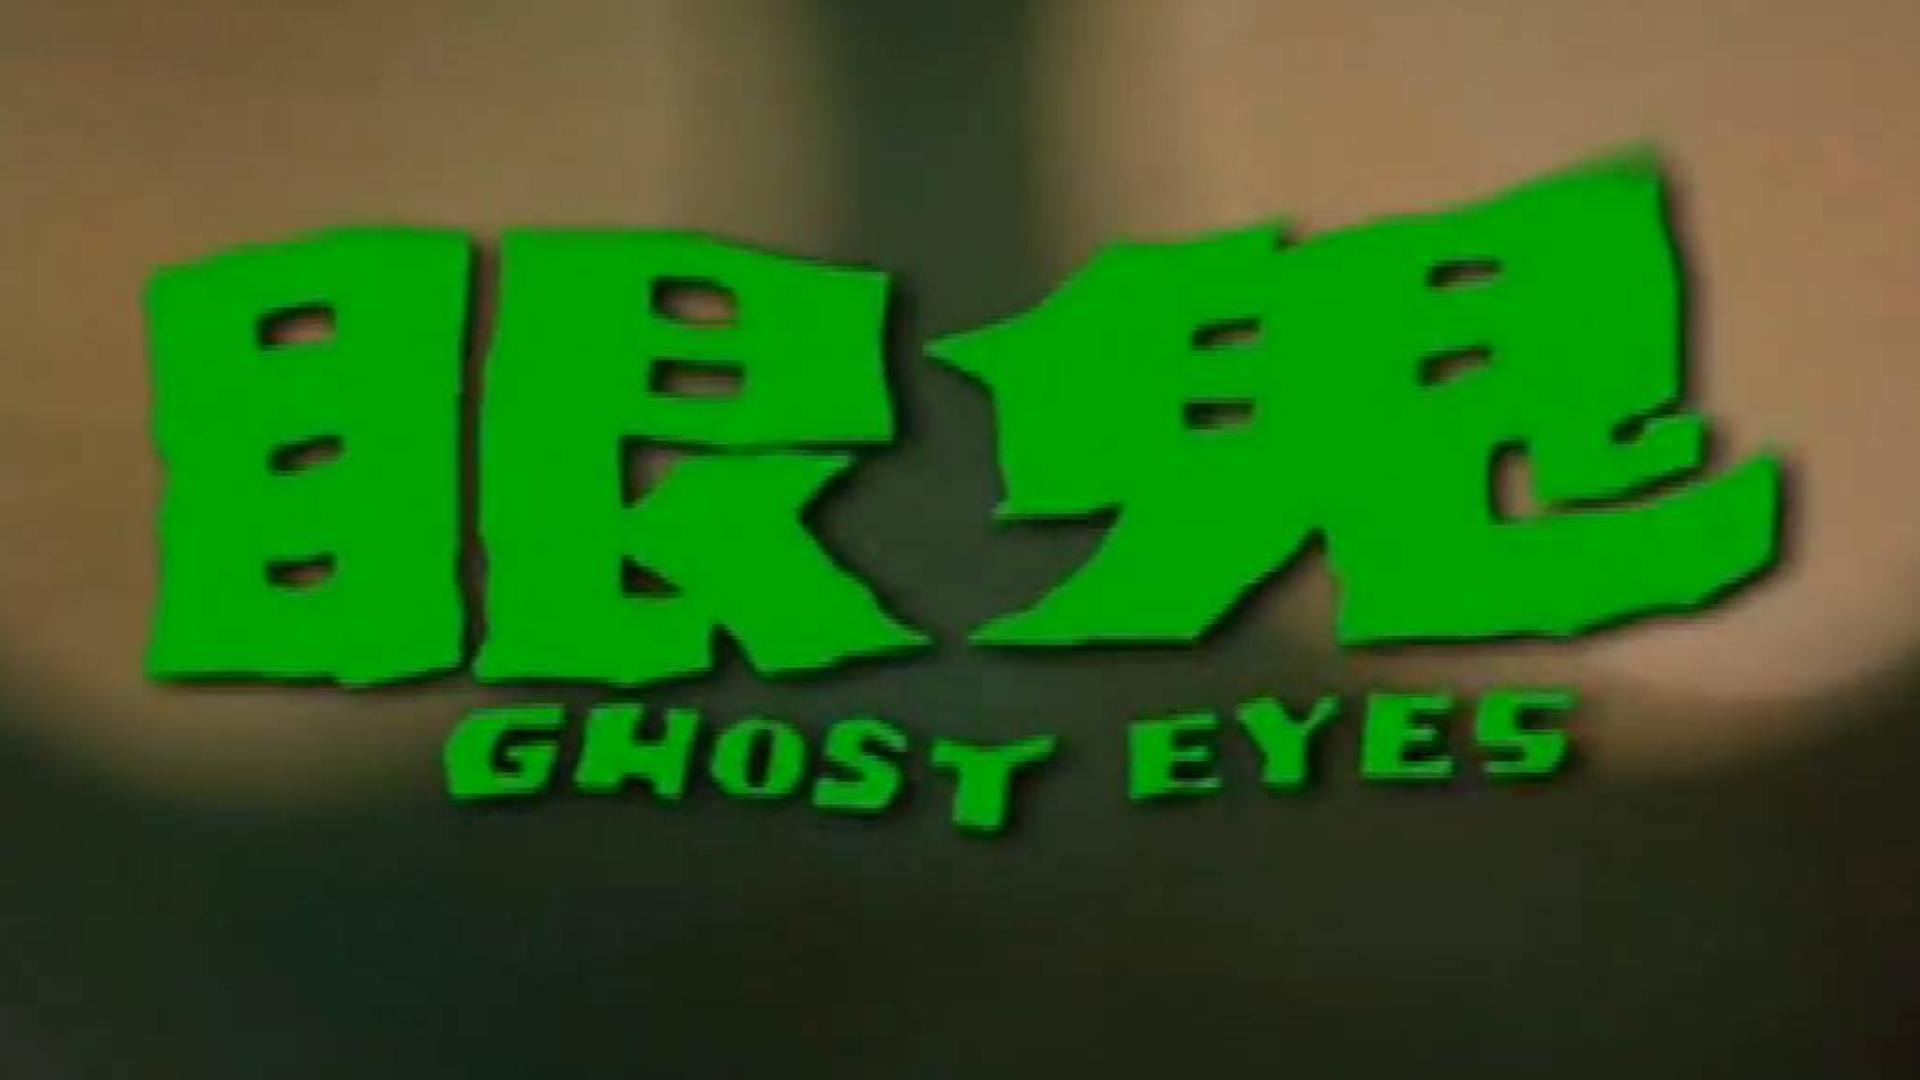 这部邵氏恐怖鬼片,我白天看还害怕,晚上看了睡不着觉